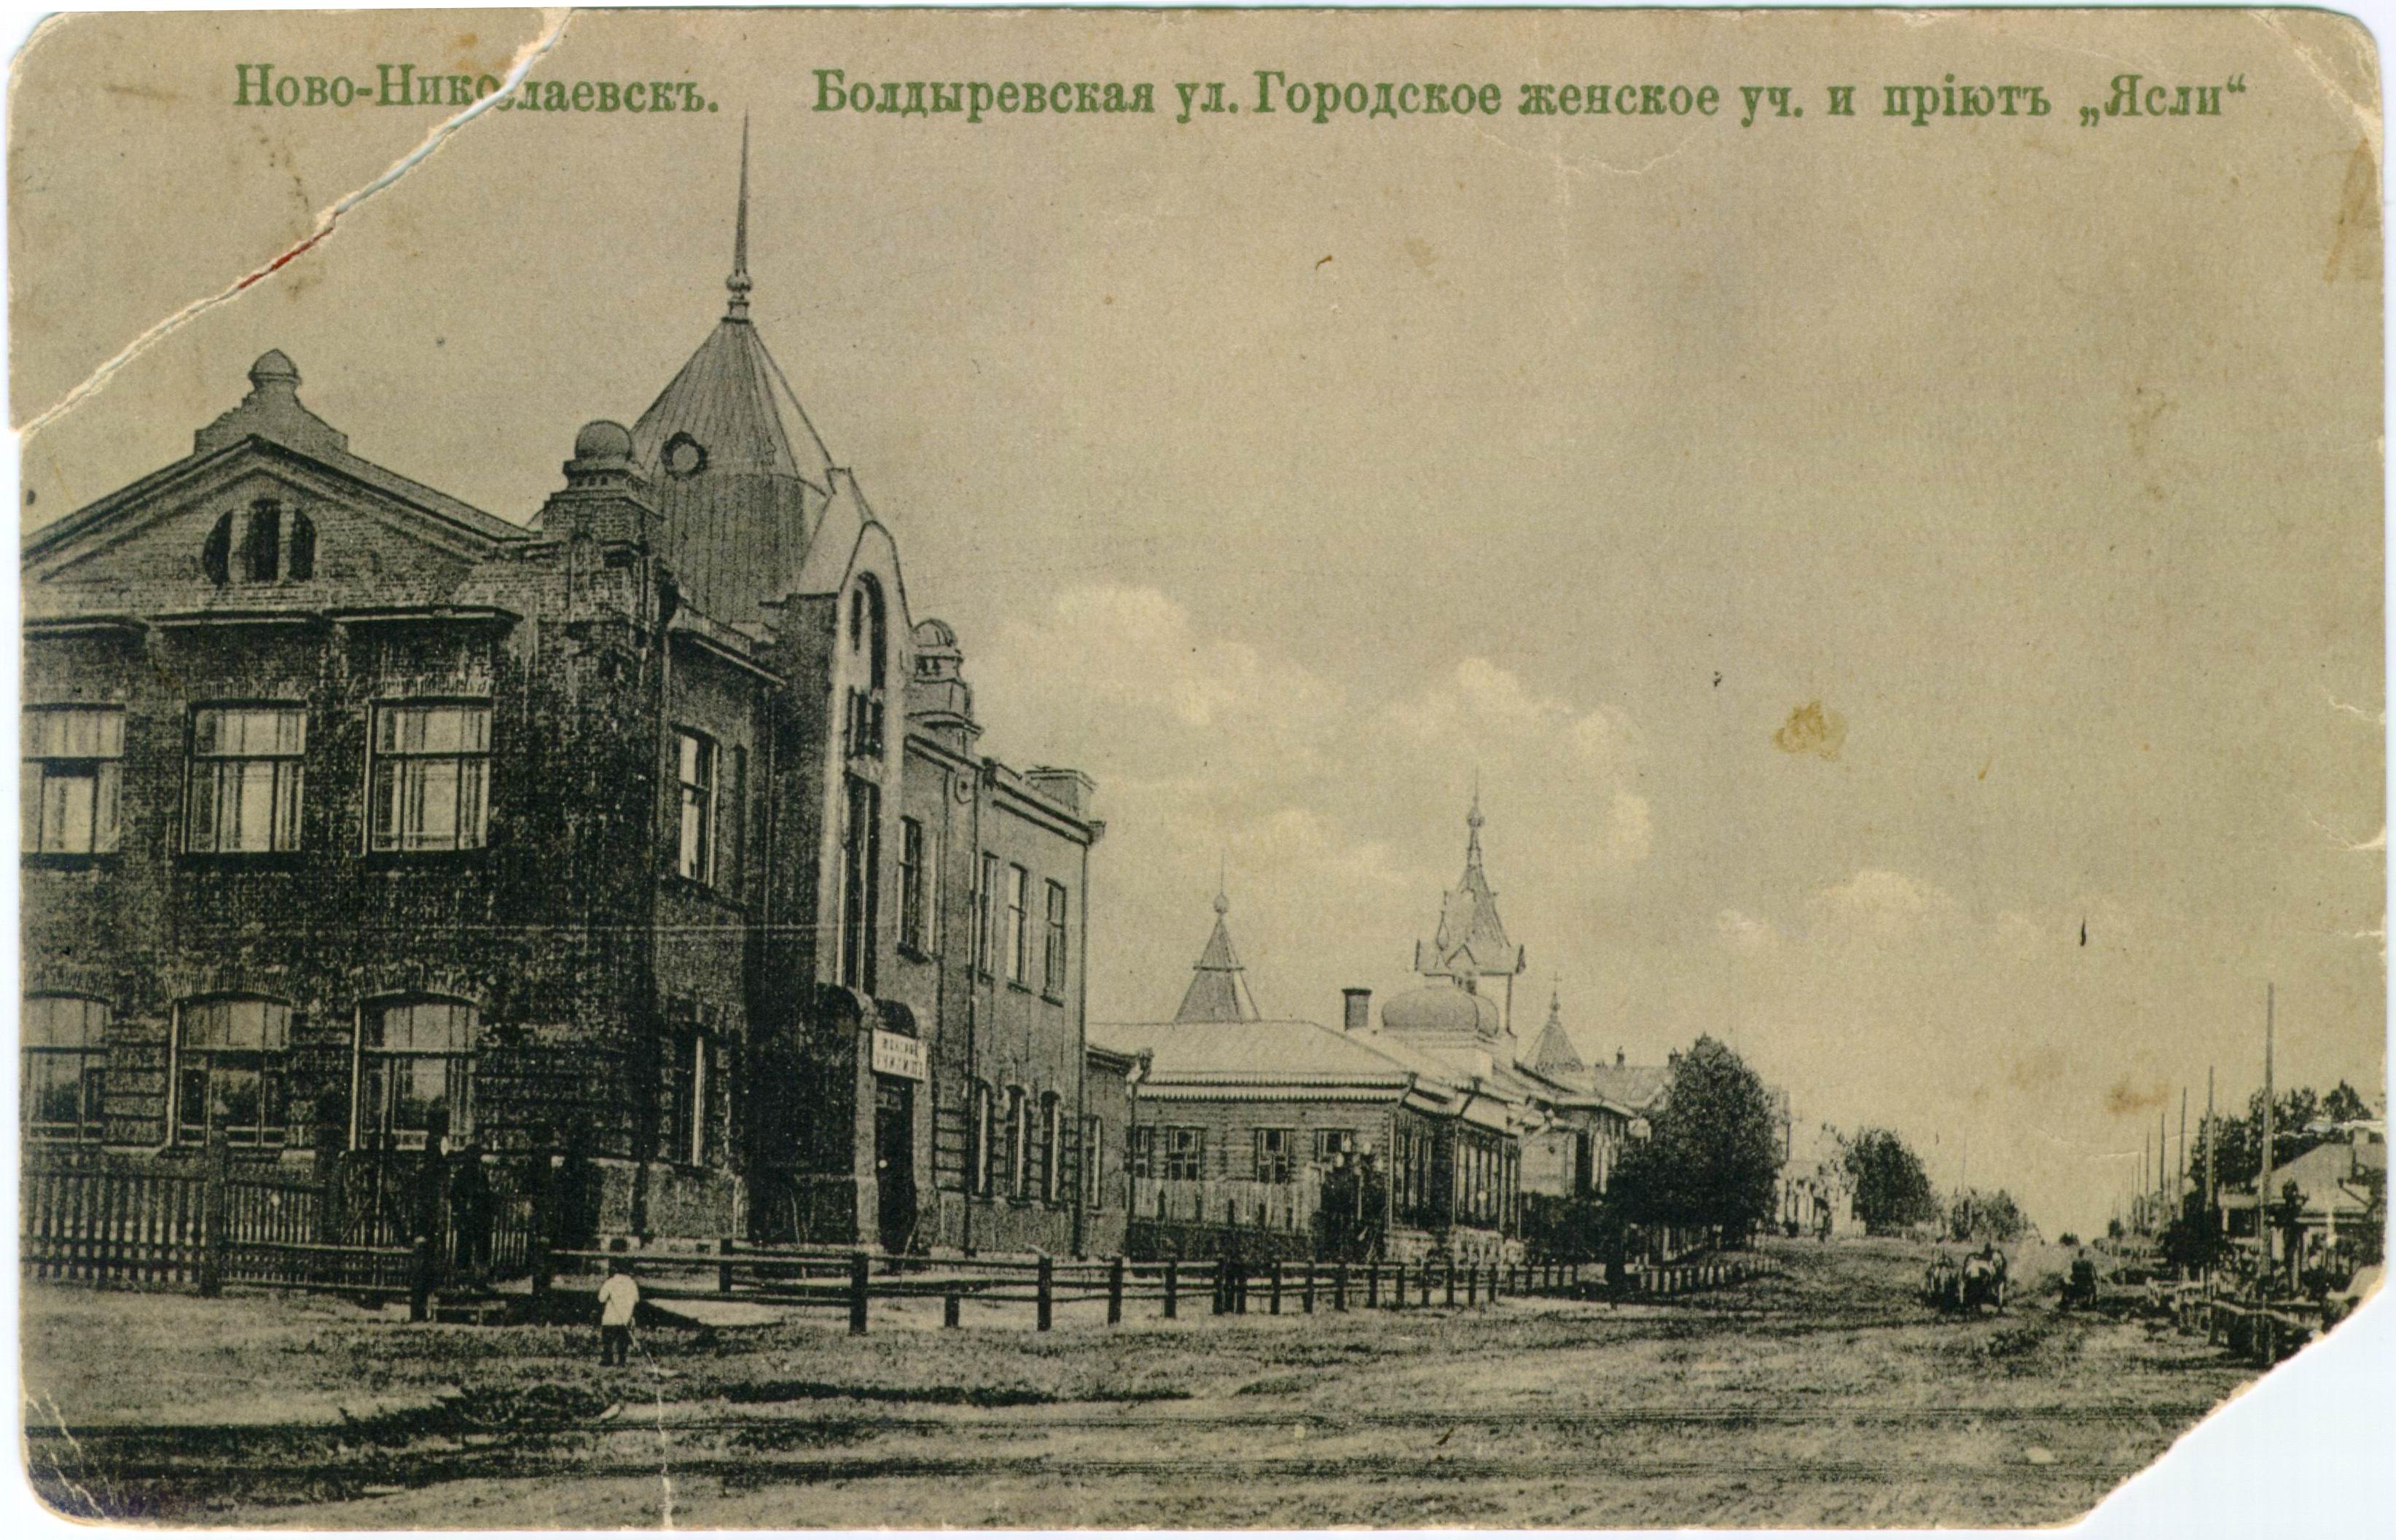 Болдыревская улица. Городское женское училище и приют «Ясли»